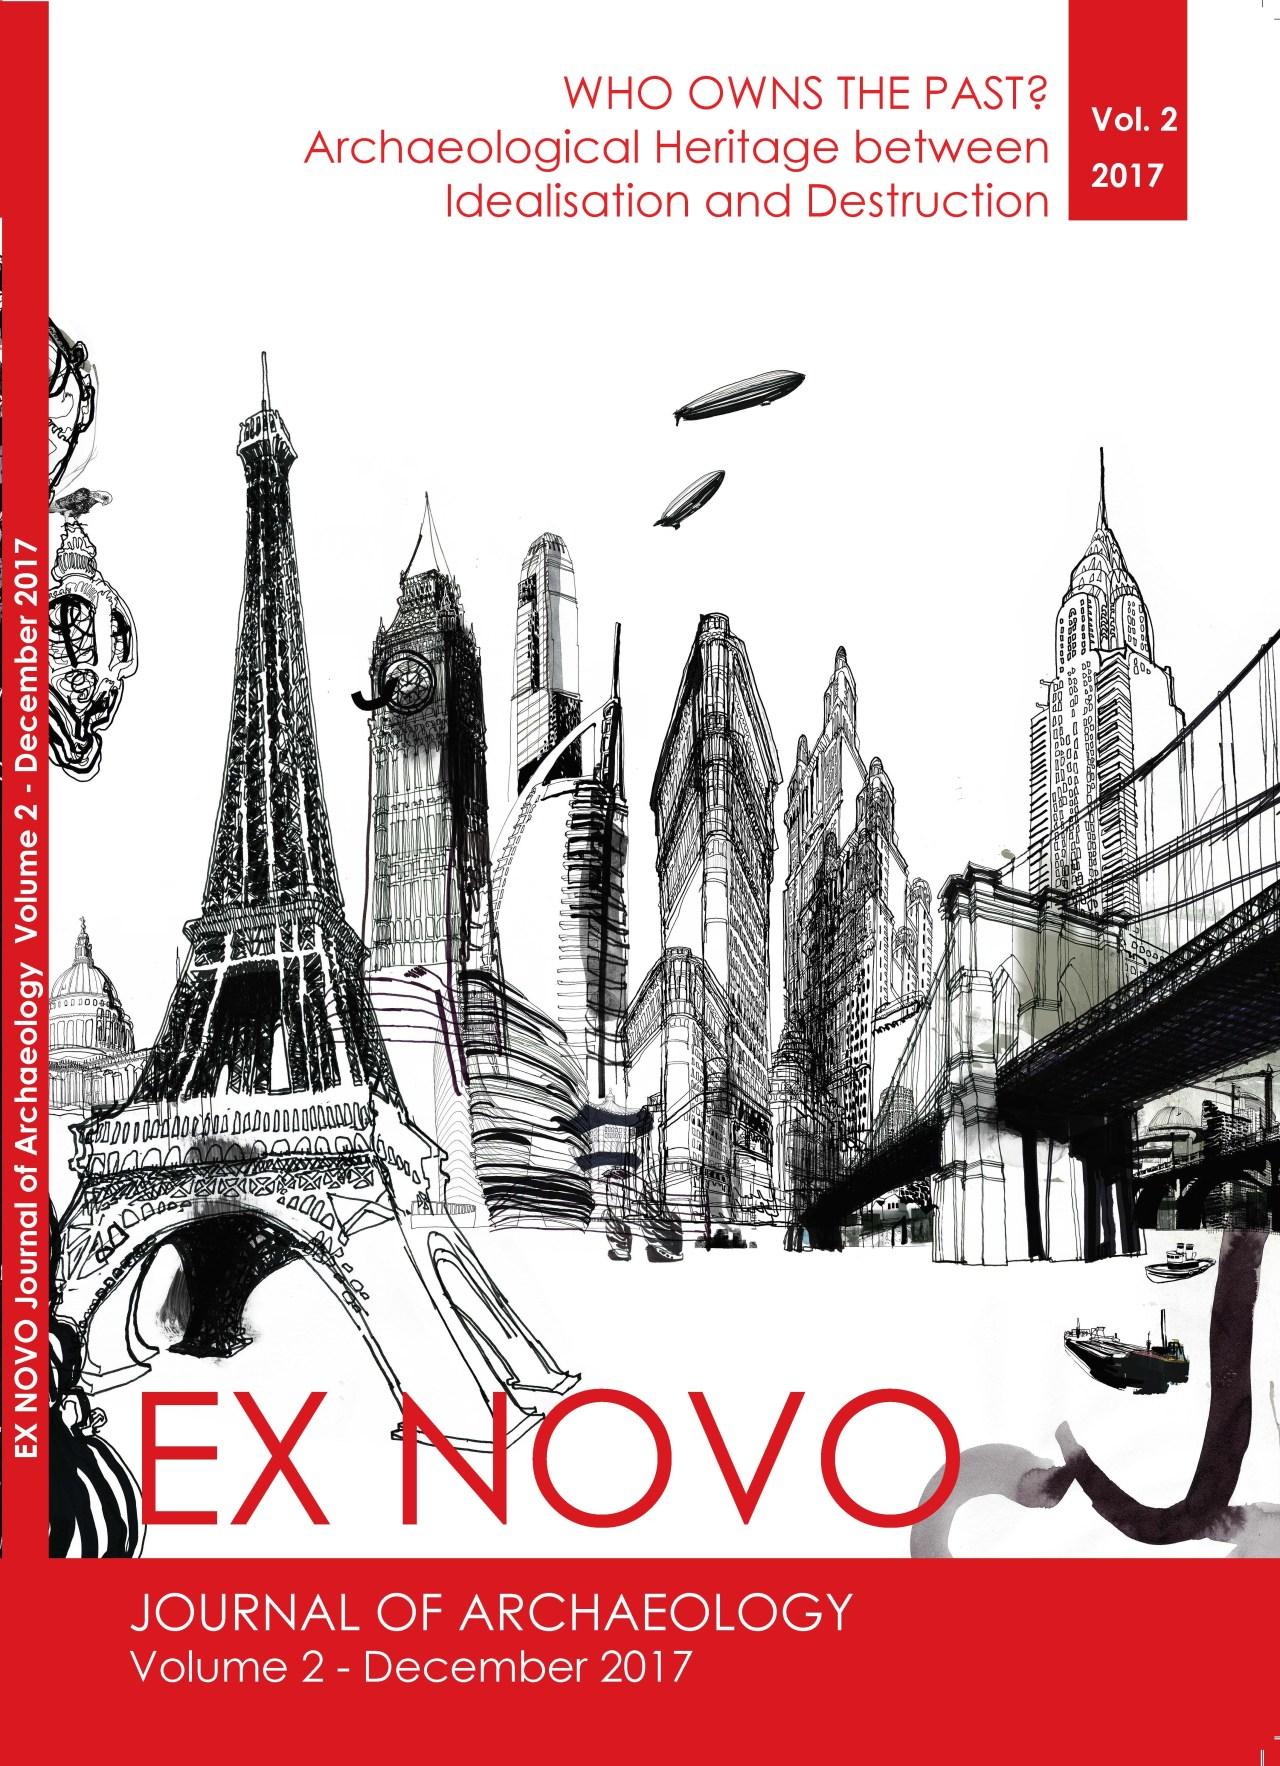 Ex Novo Nr. 2 Cover Image 'Metropolis' @ courtesy of Daniel Egneus